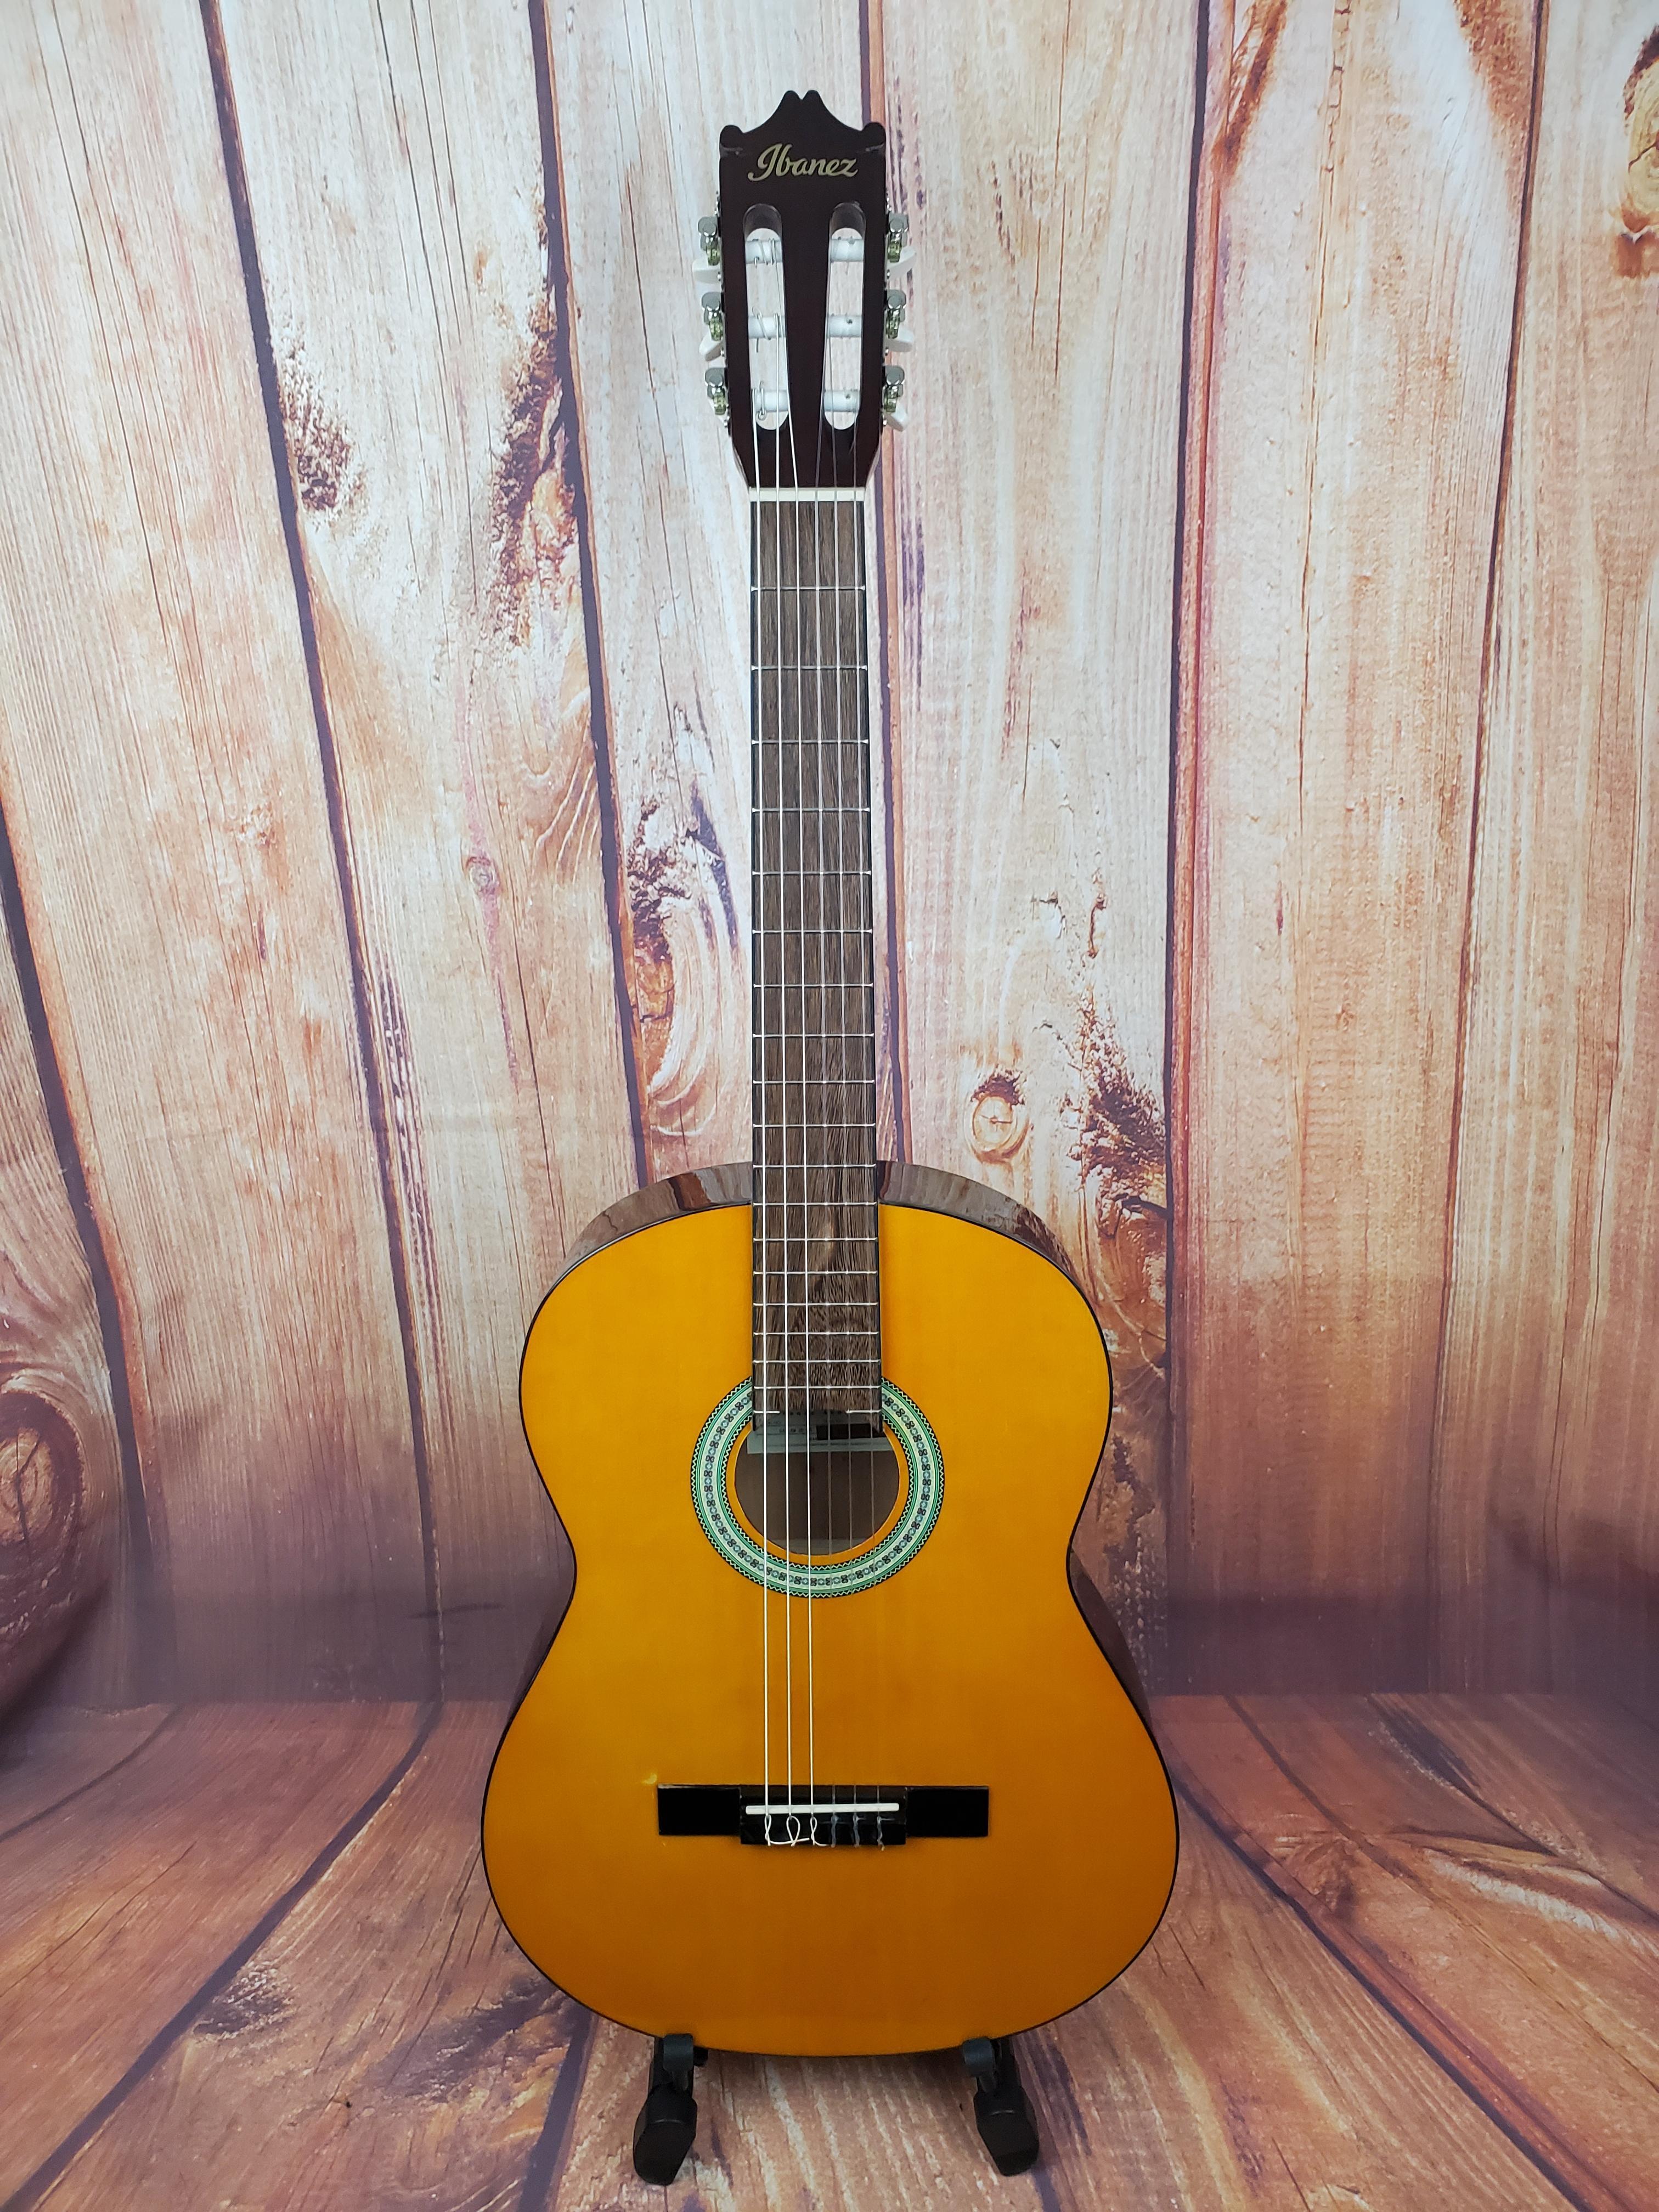 Used- Ibanez GA3 Classical Guitar